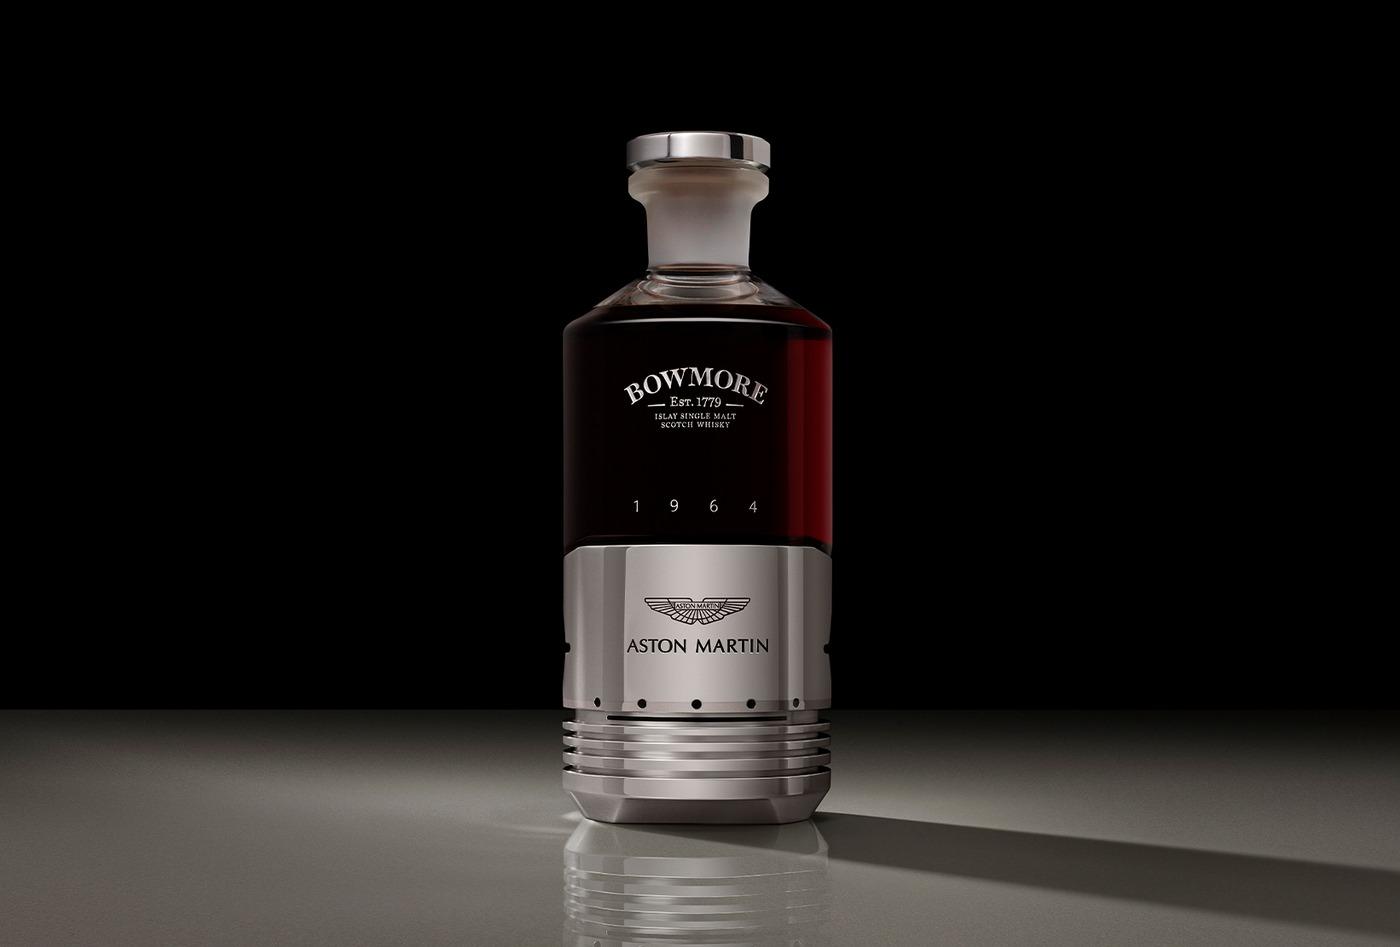 Bowmore y Aston Martin: dos iconos y un destino (o un whisky).